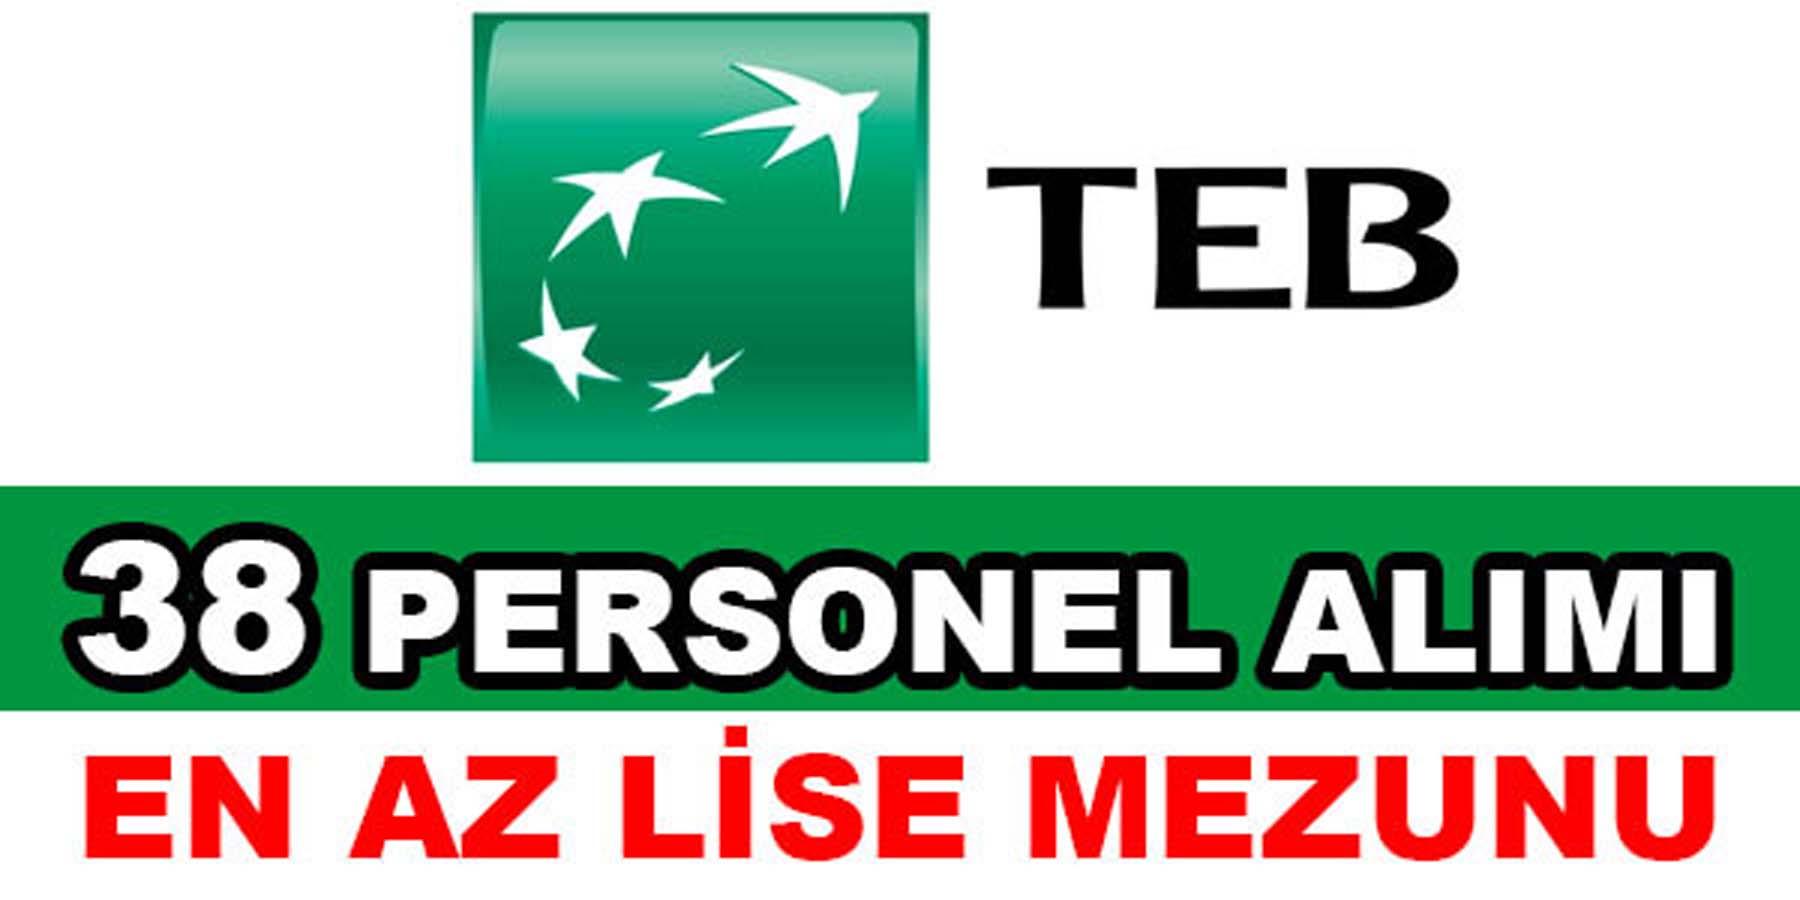 Türk Ekonomi Bankası Ağustos 2016 Personel Alımı